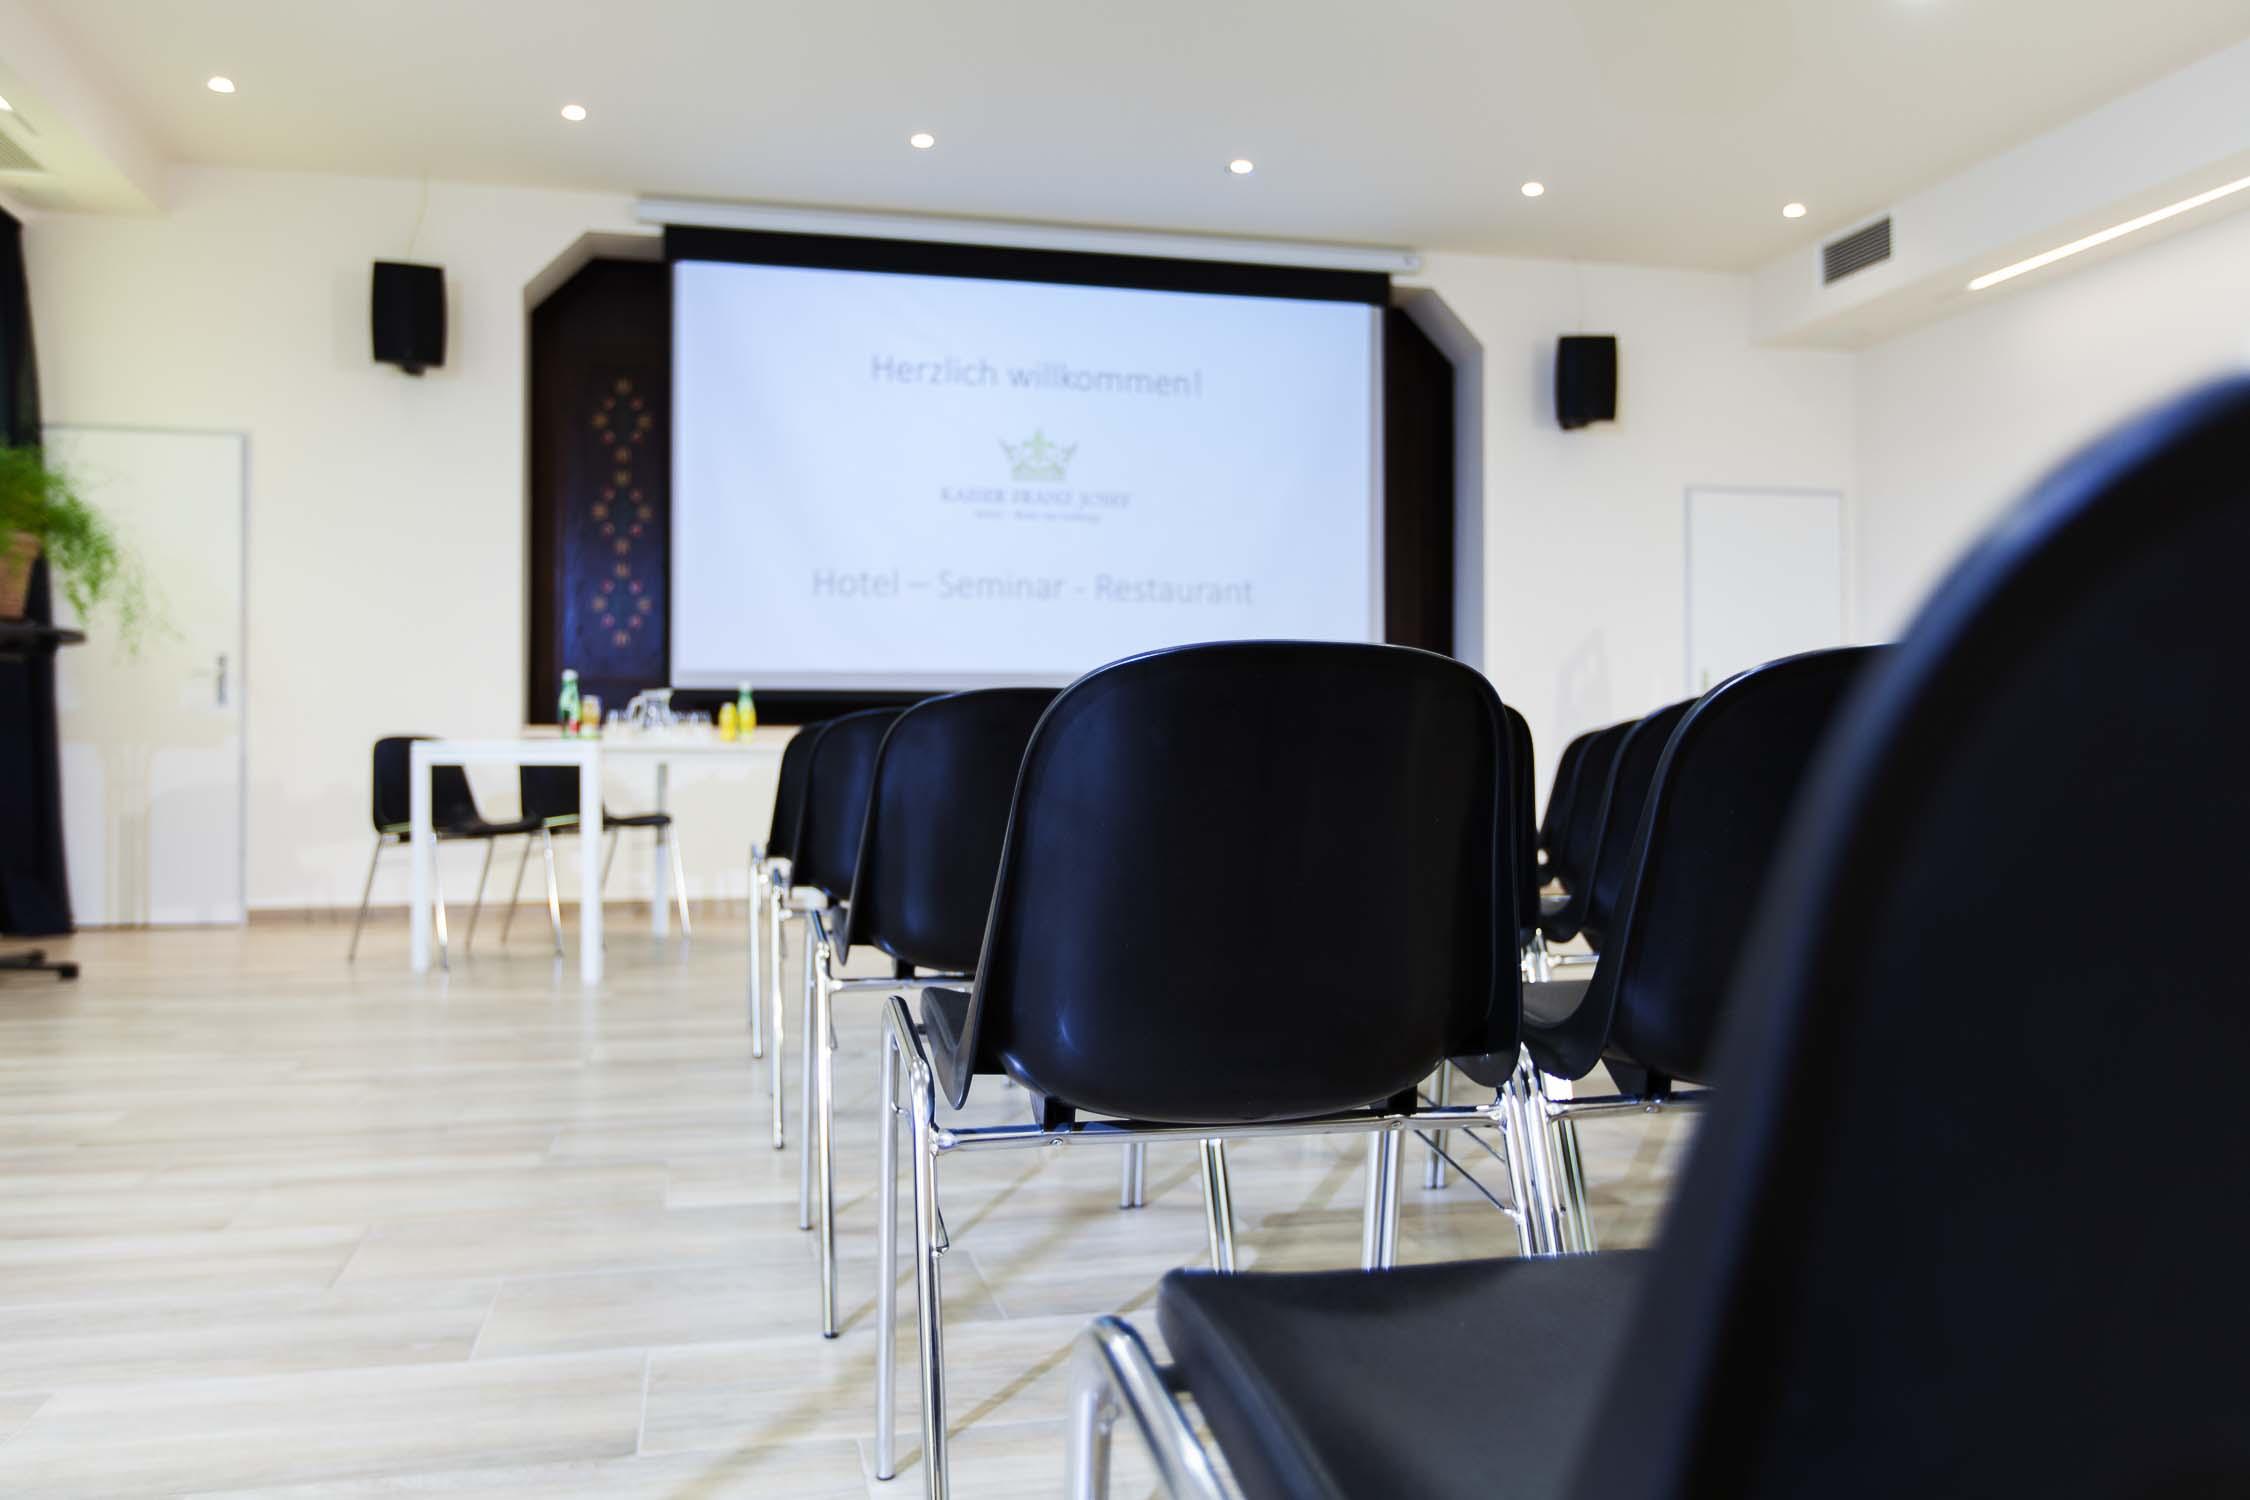 Hotelfotograf Businesshotel Konferenzraum mit Model0735-0102.jpg